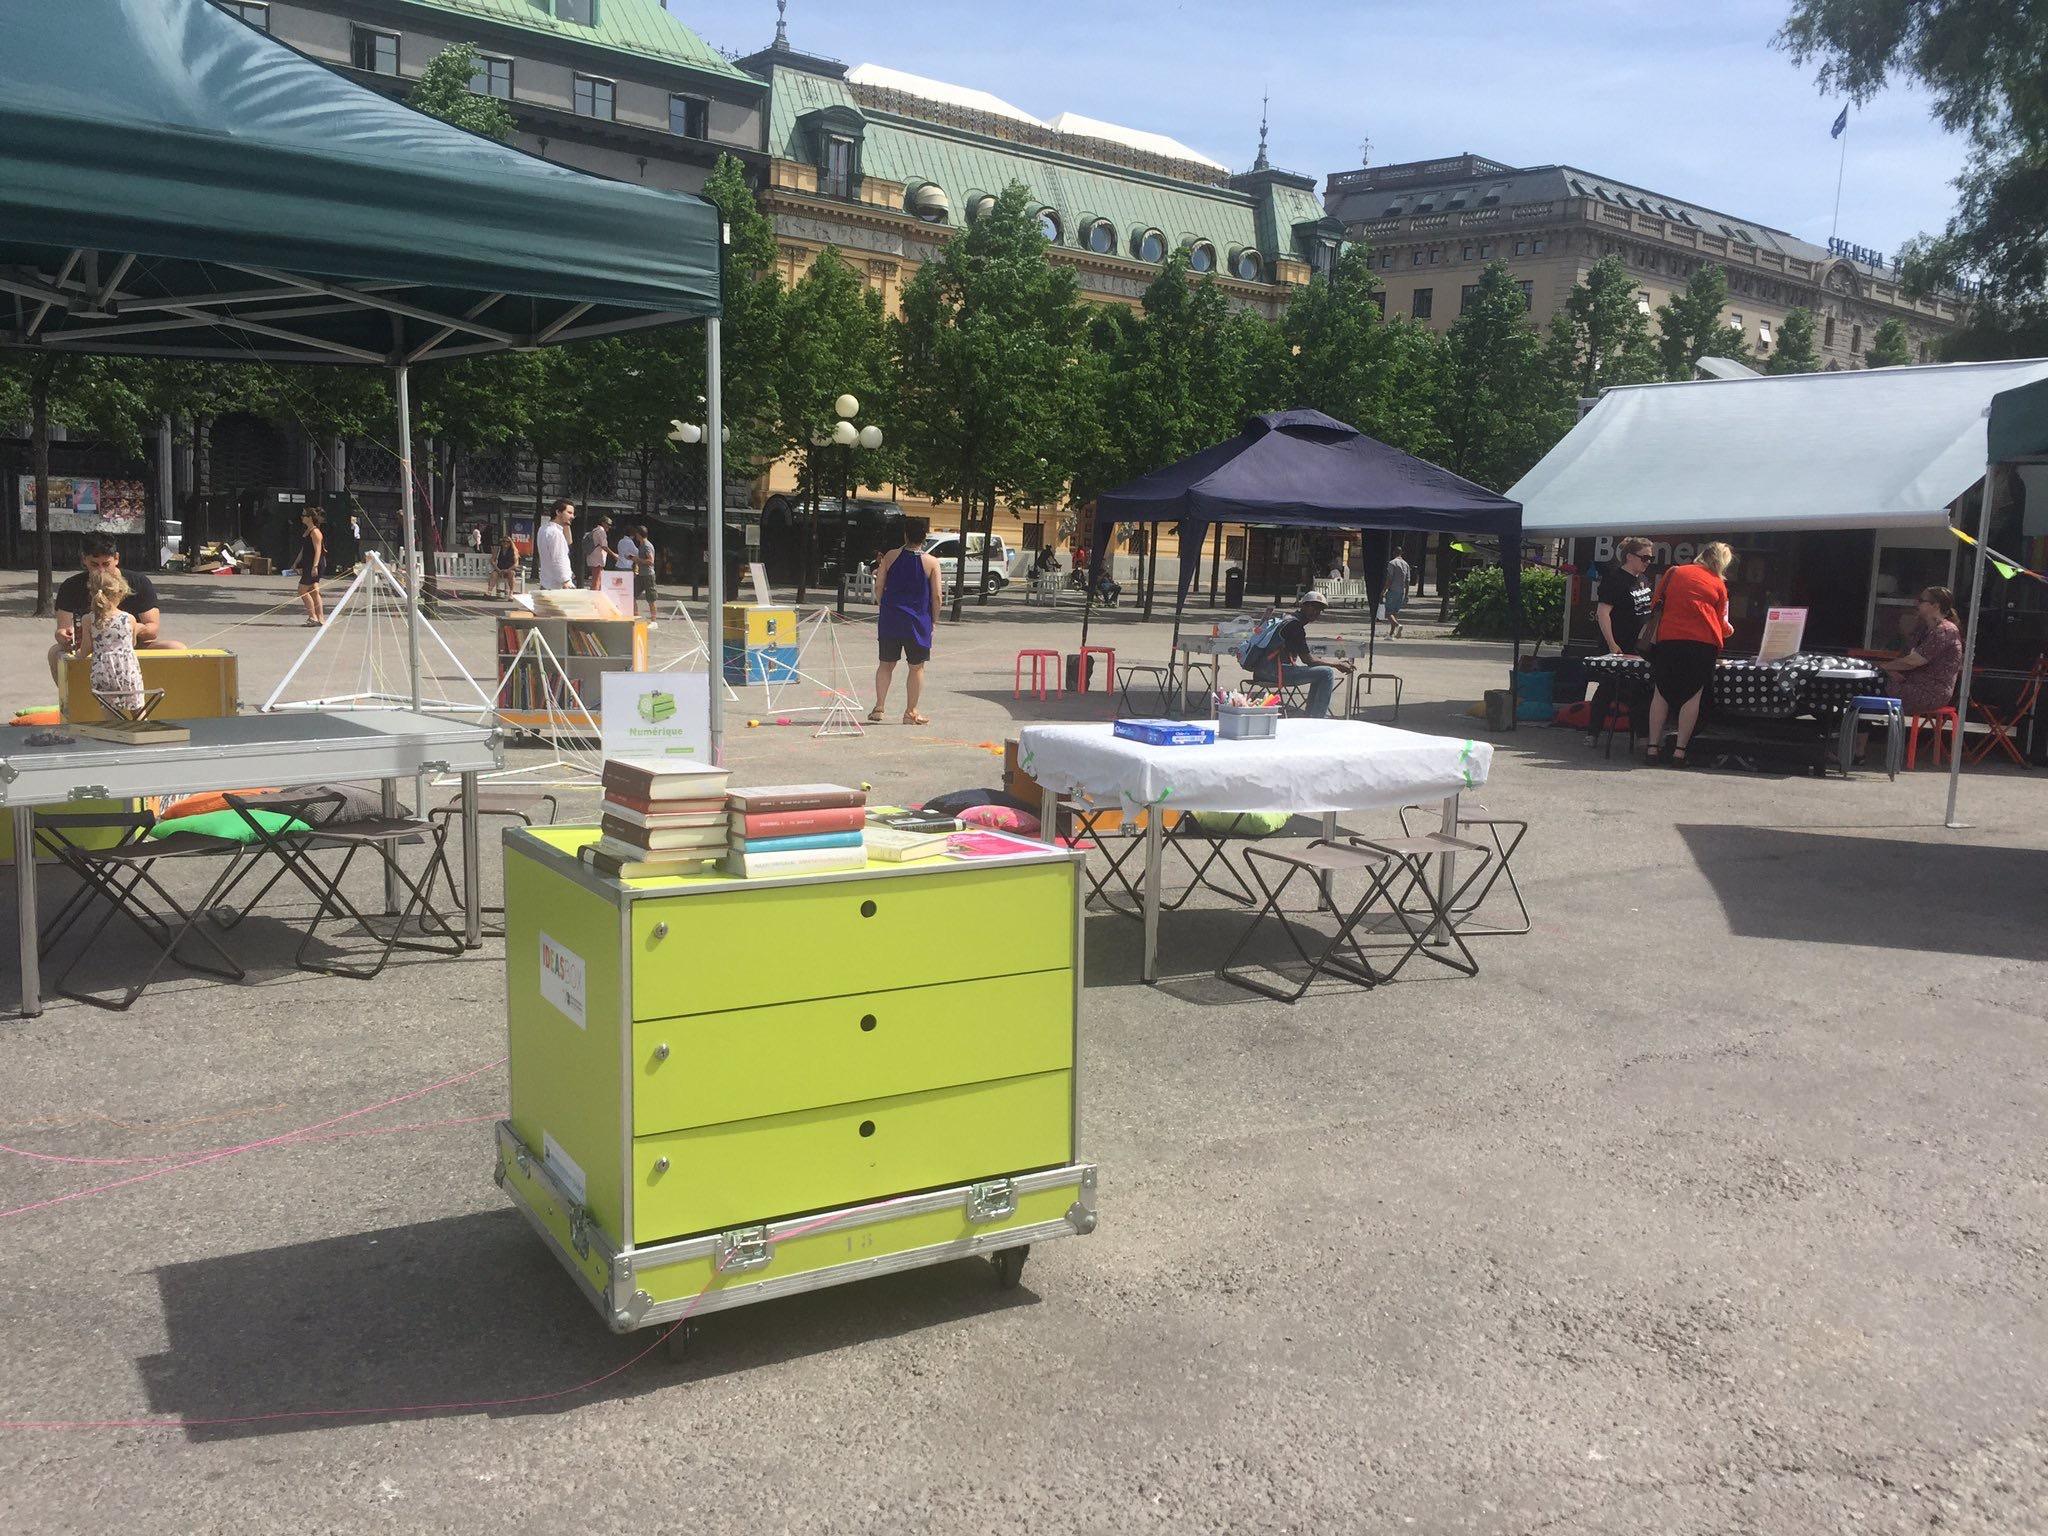 Ideas Box en Kungsträdgården (Estocolmo, Suecia) en junio de 2017.